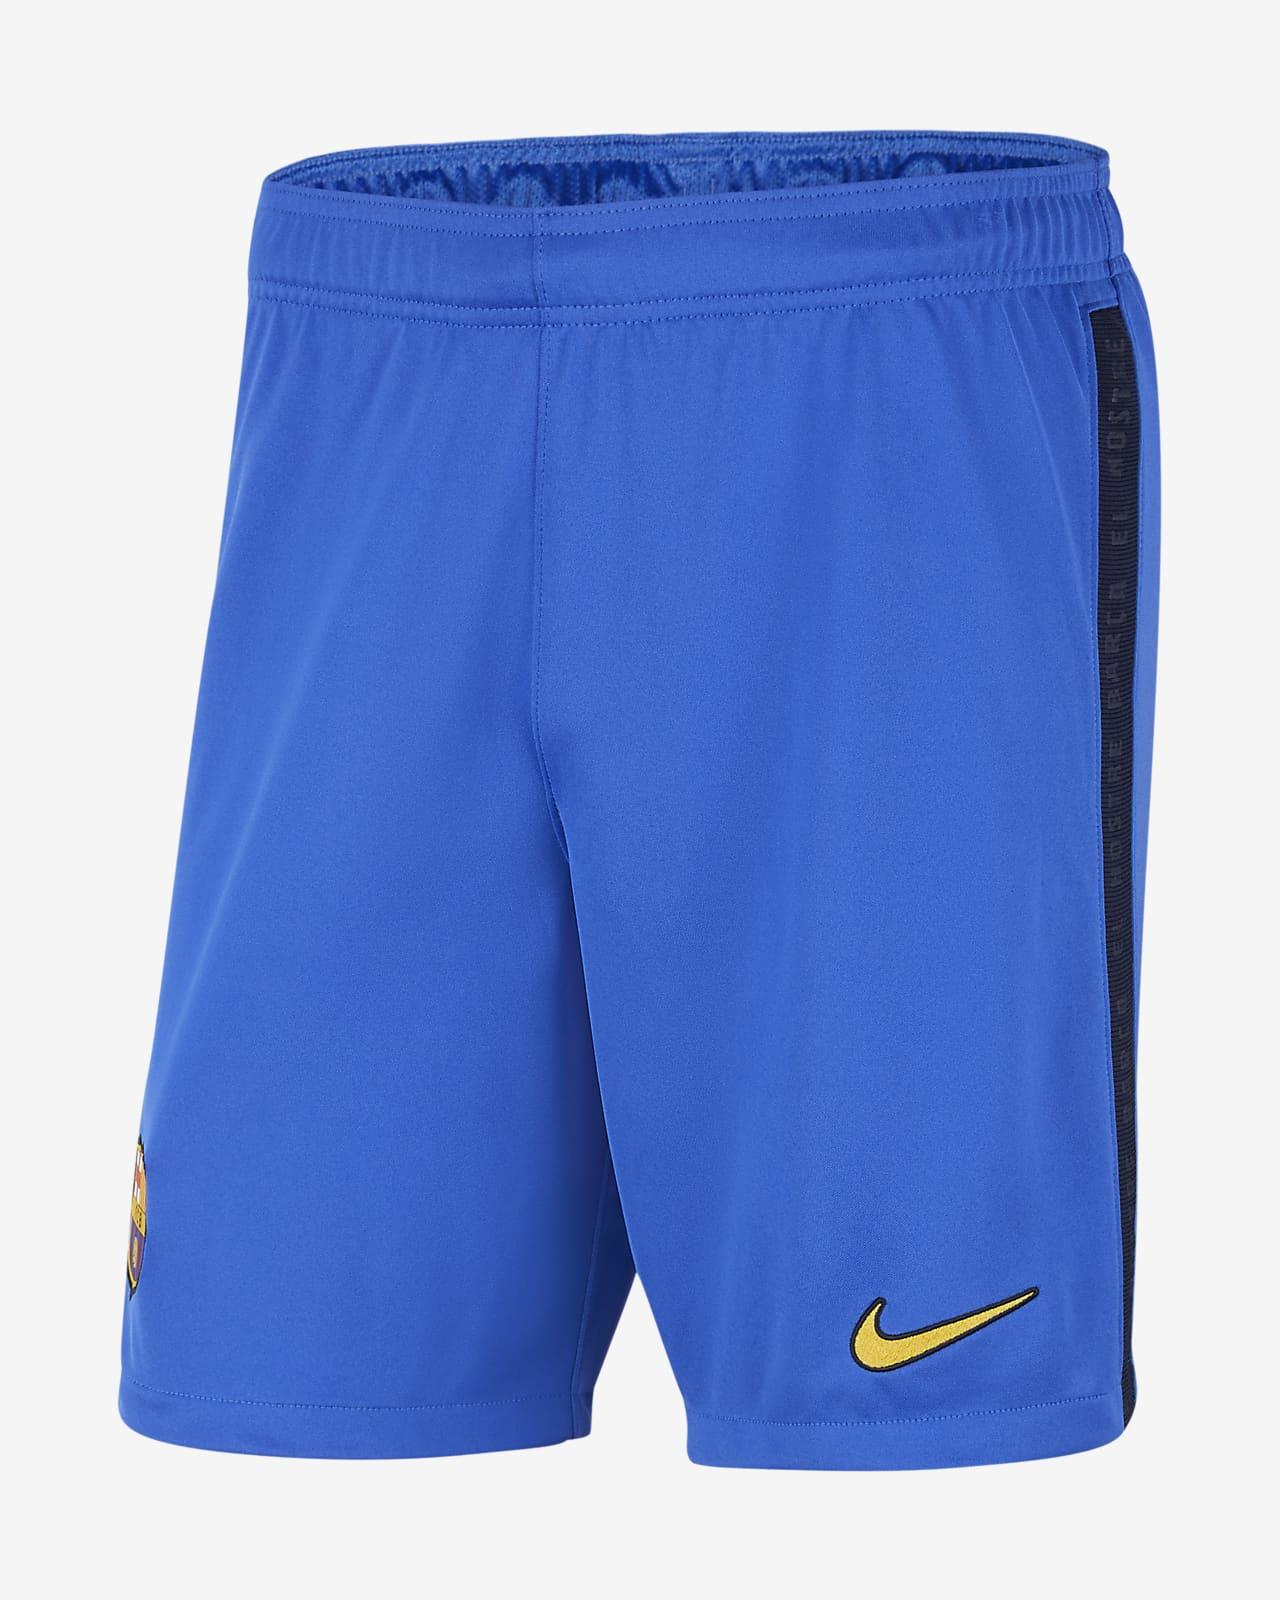 Short de football Nike Dri-FIT FC Barcelona 2021/22 Stadium Third pour Homme